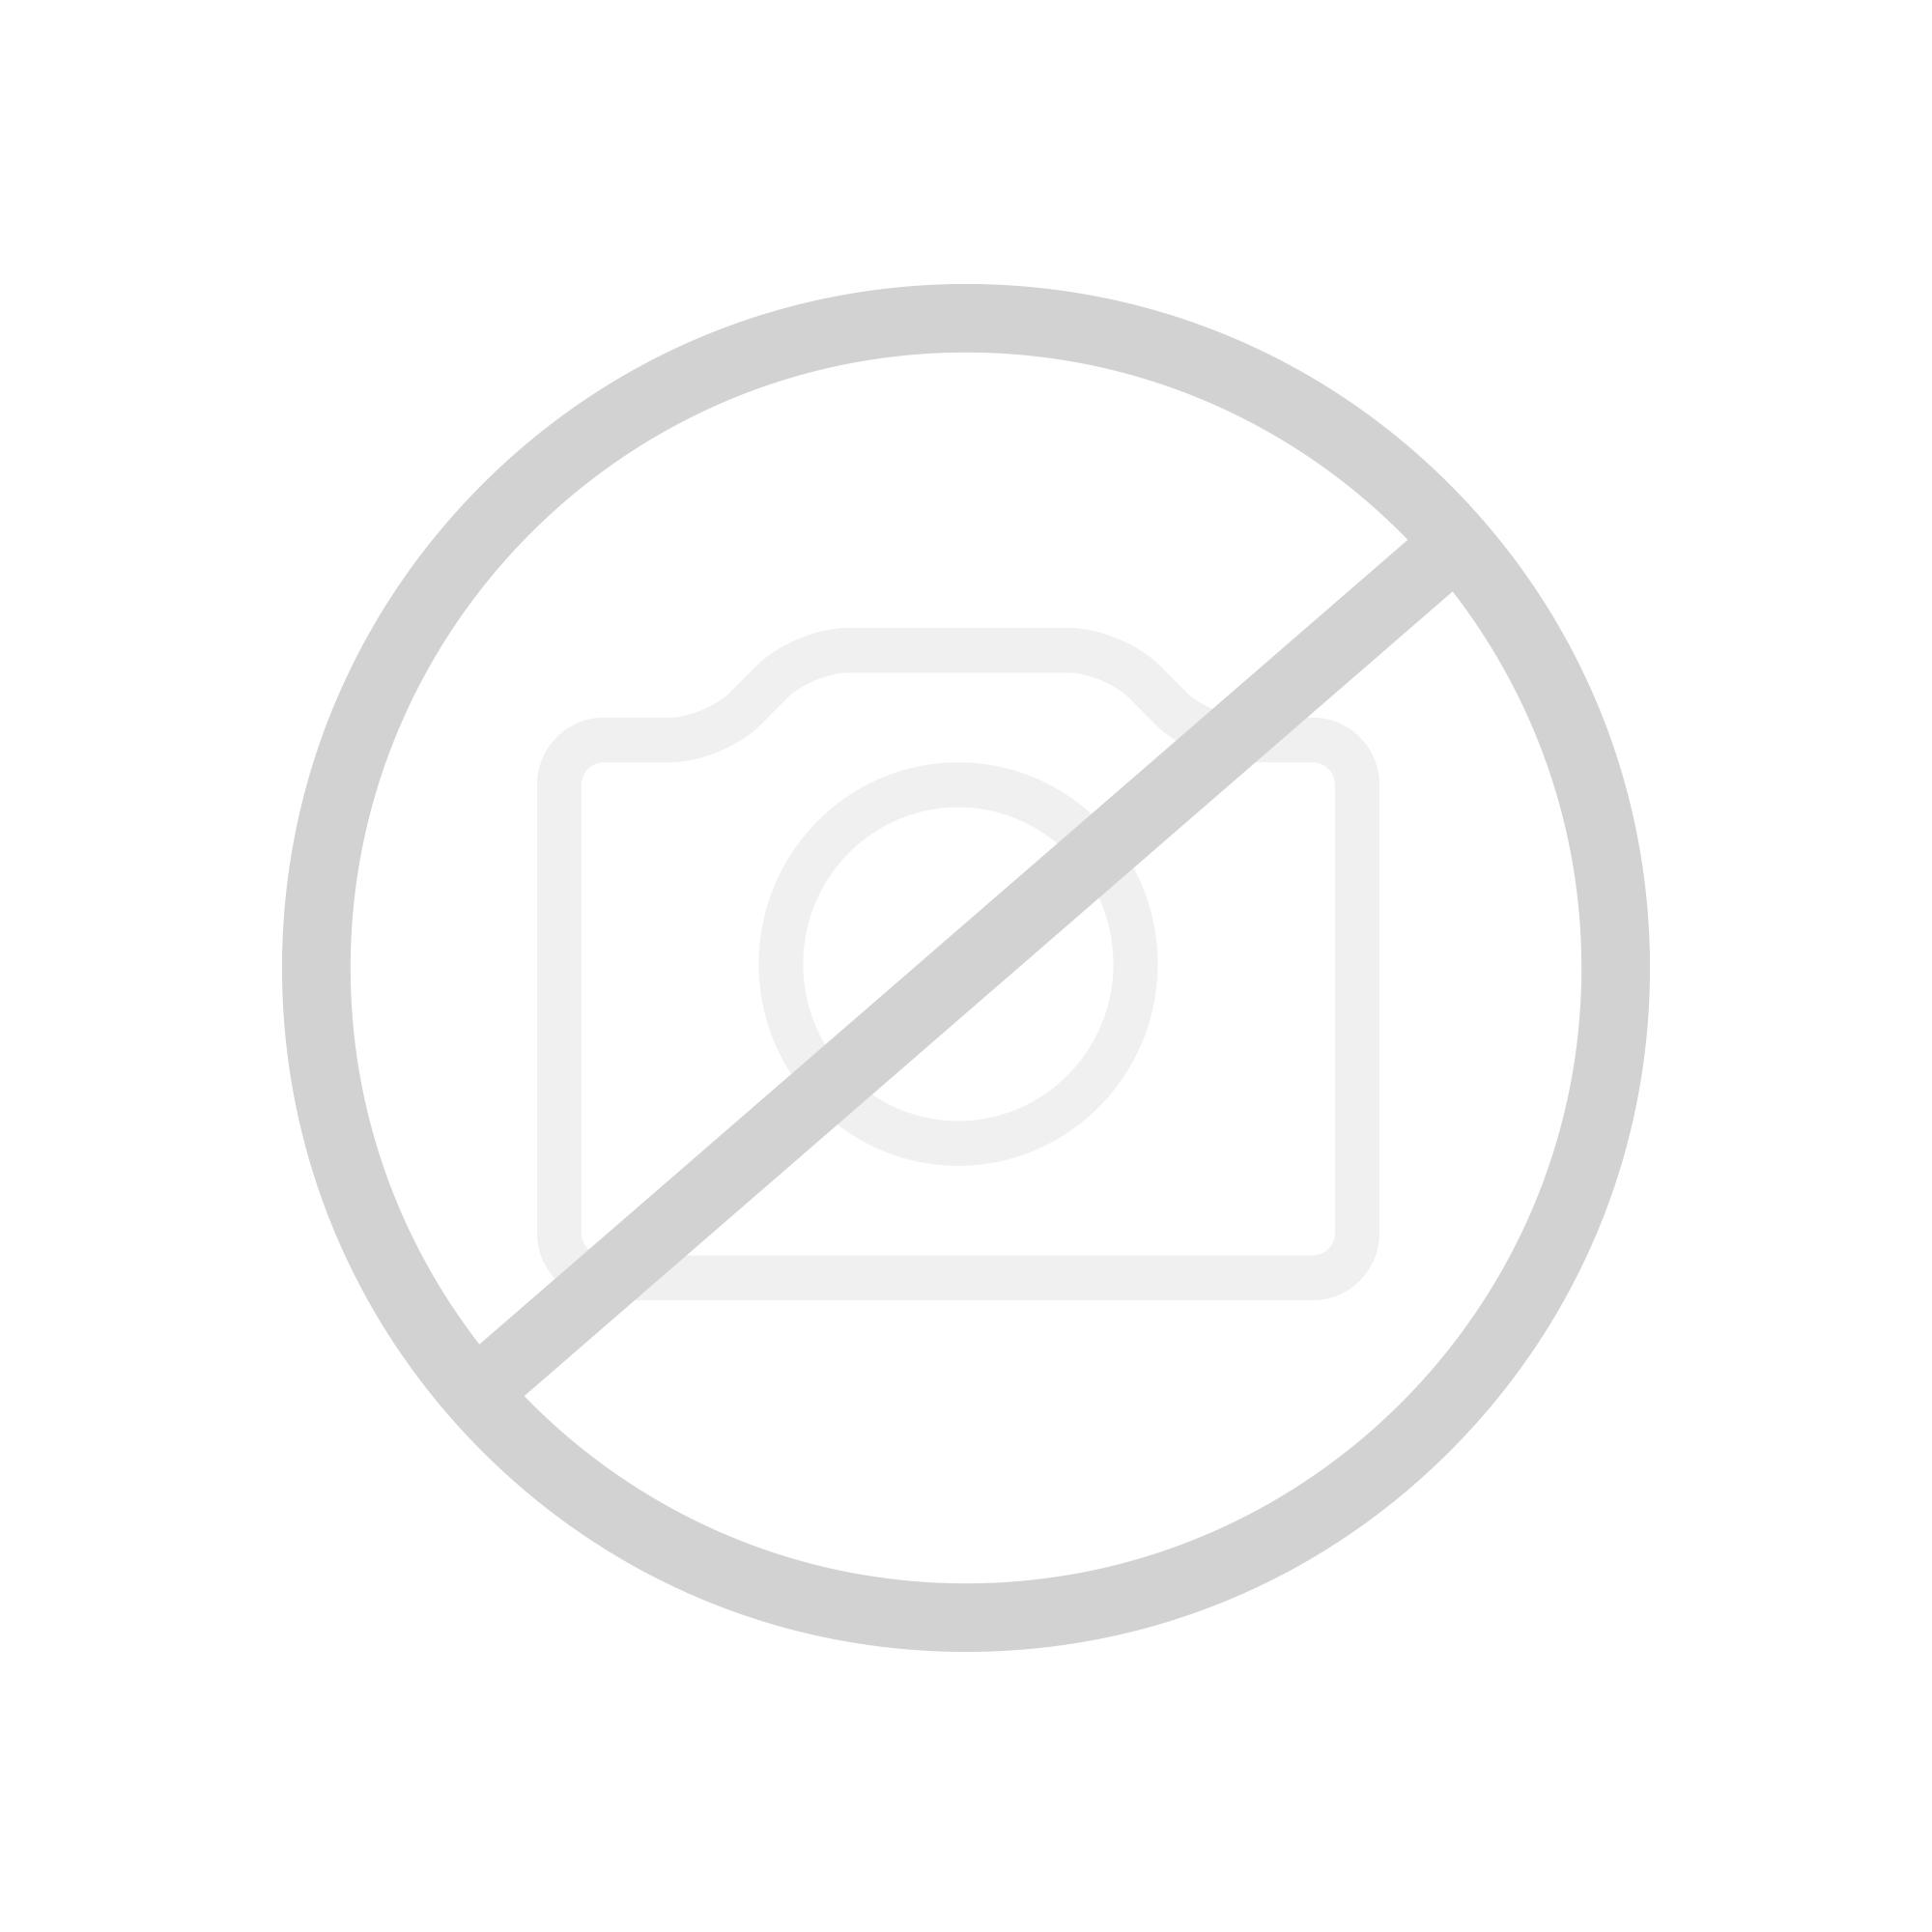 KWC Livello Einhandmischer mit Auszugauslauf, edelstahl